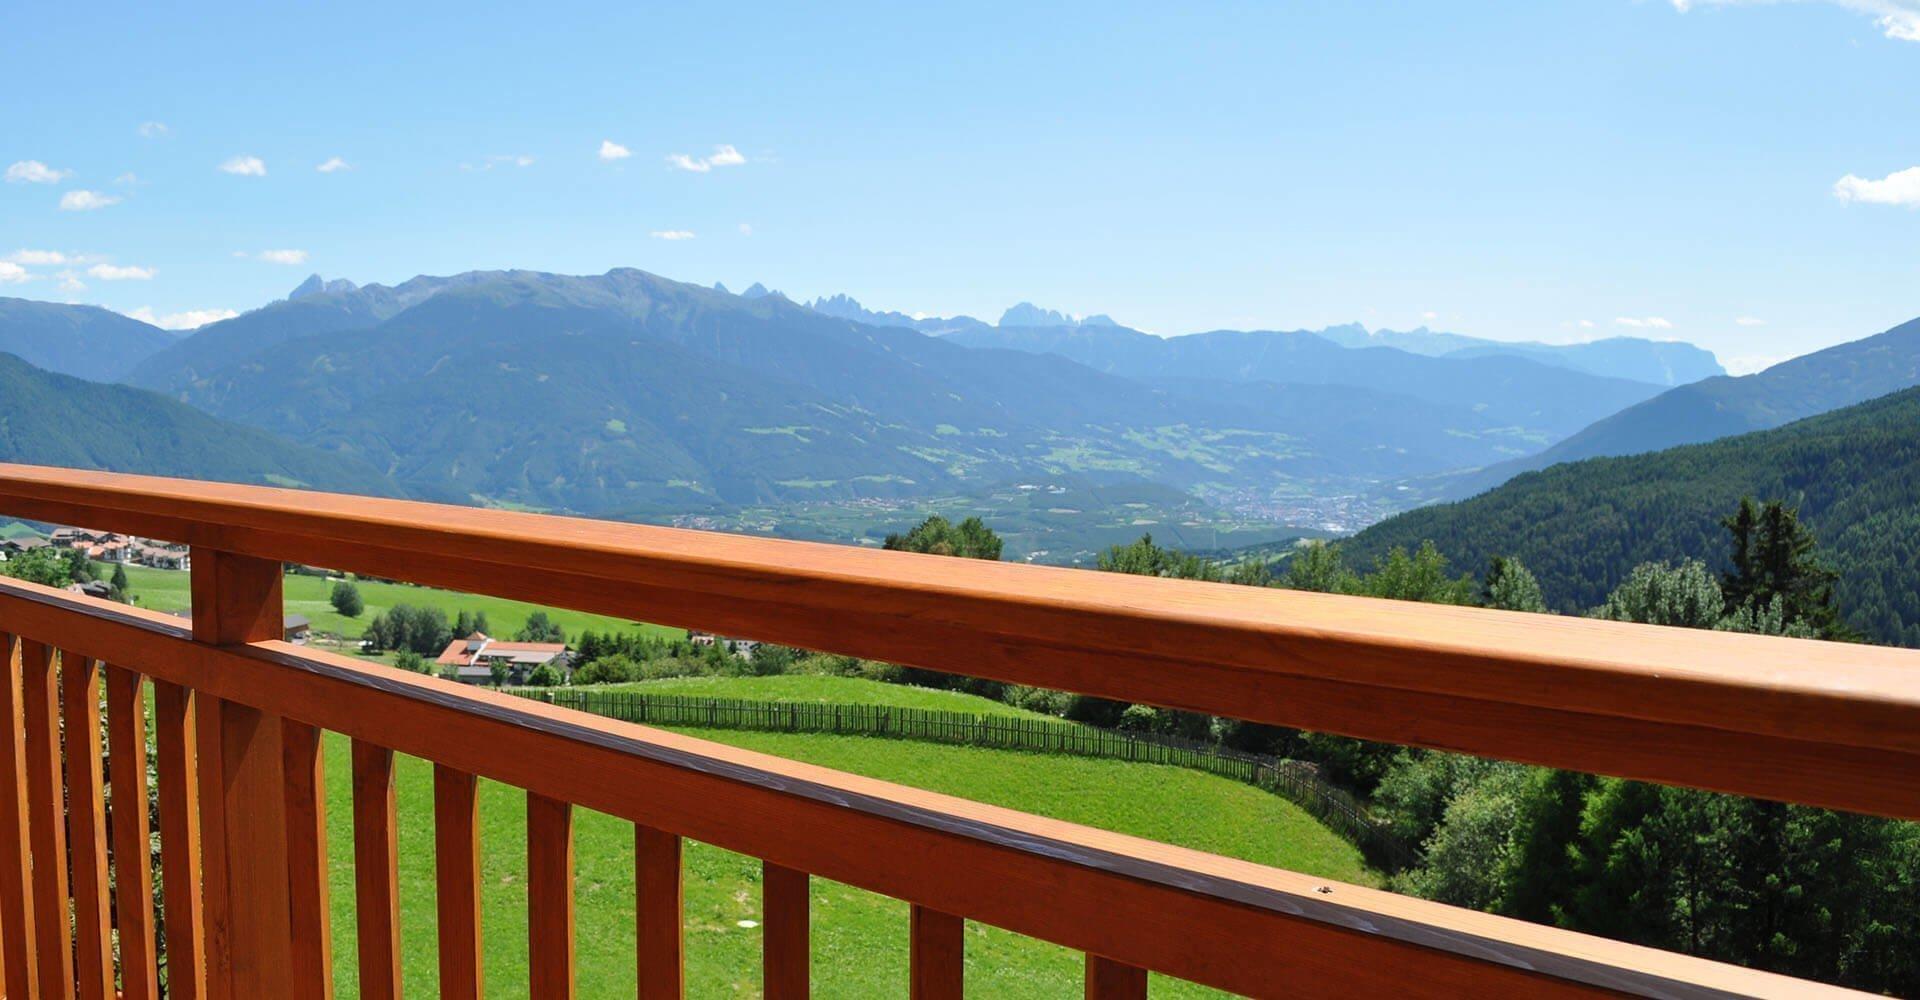 Stocknerhof Ferienwohnung in Meransen Südtirol